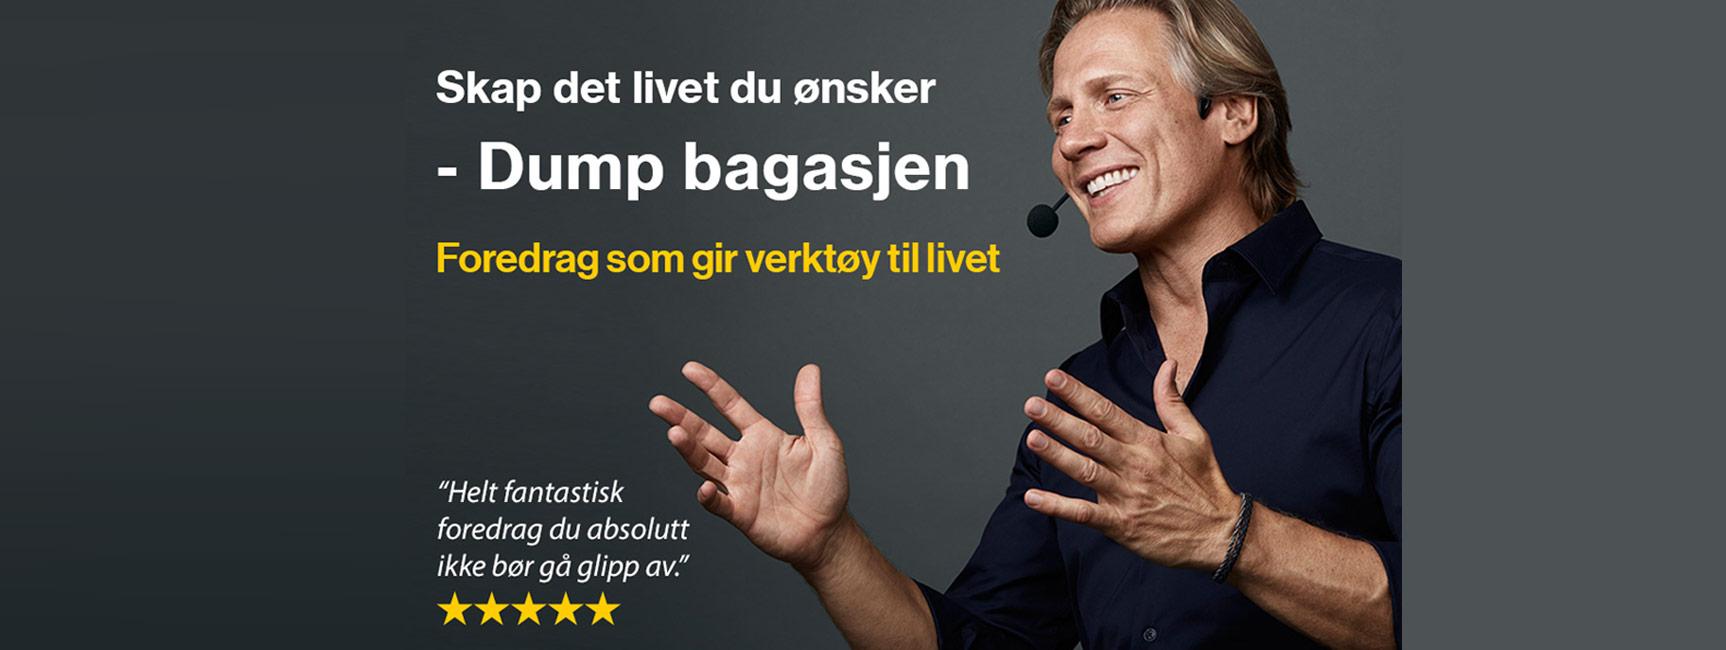 Dump bagasjen med Anders Magnusson på Edderkoppen Scene